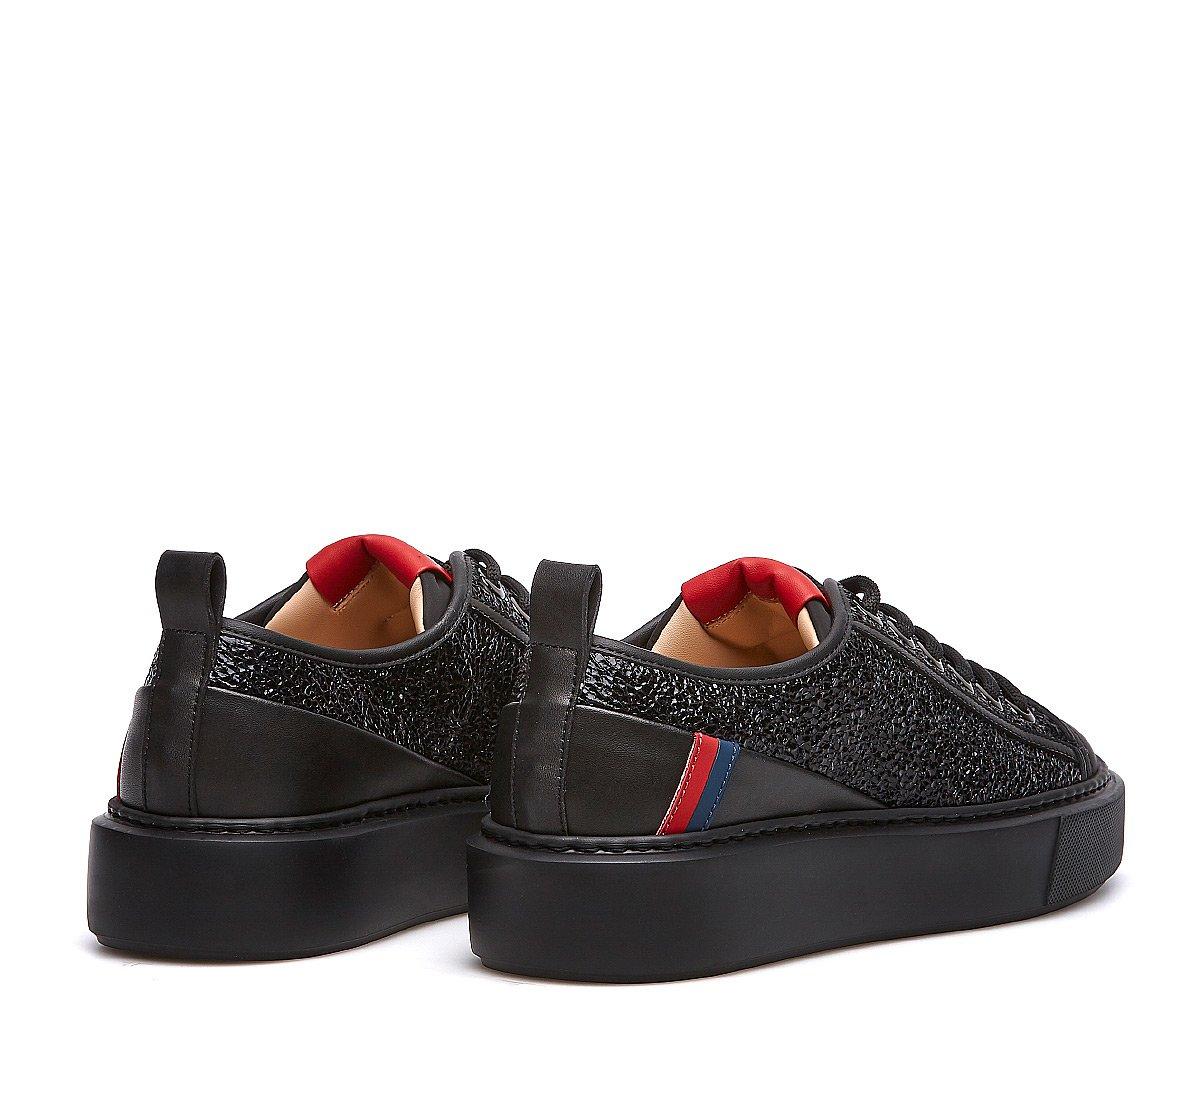 Barracuda 15-Love sneakers